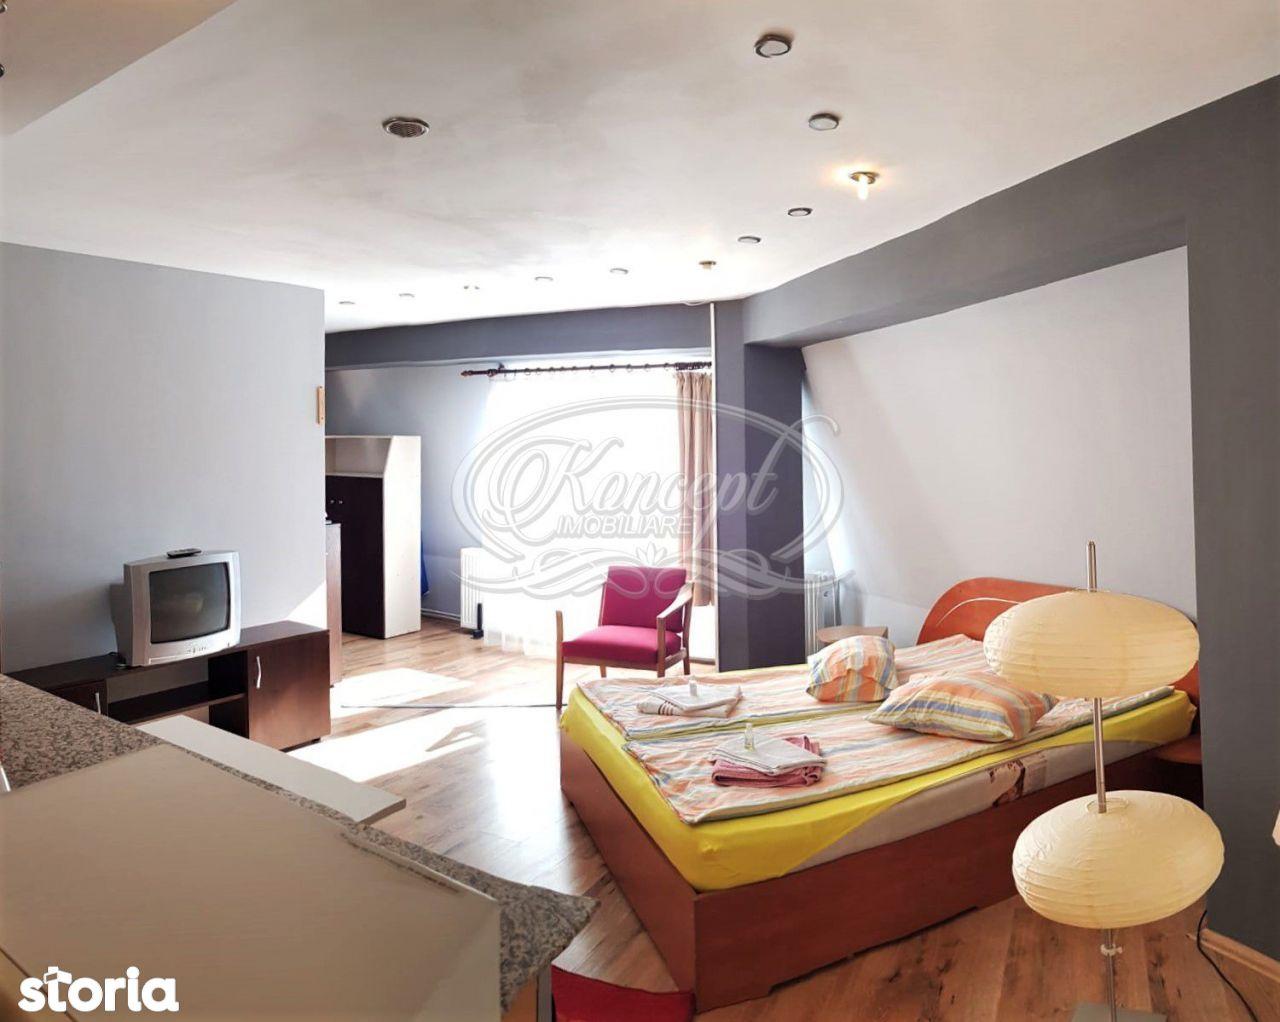 Apartament modern, la vila, zona Casa Piratilor